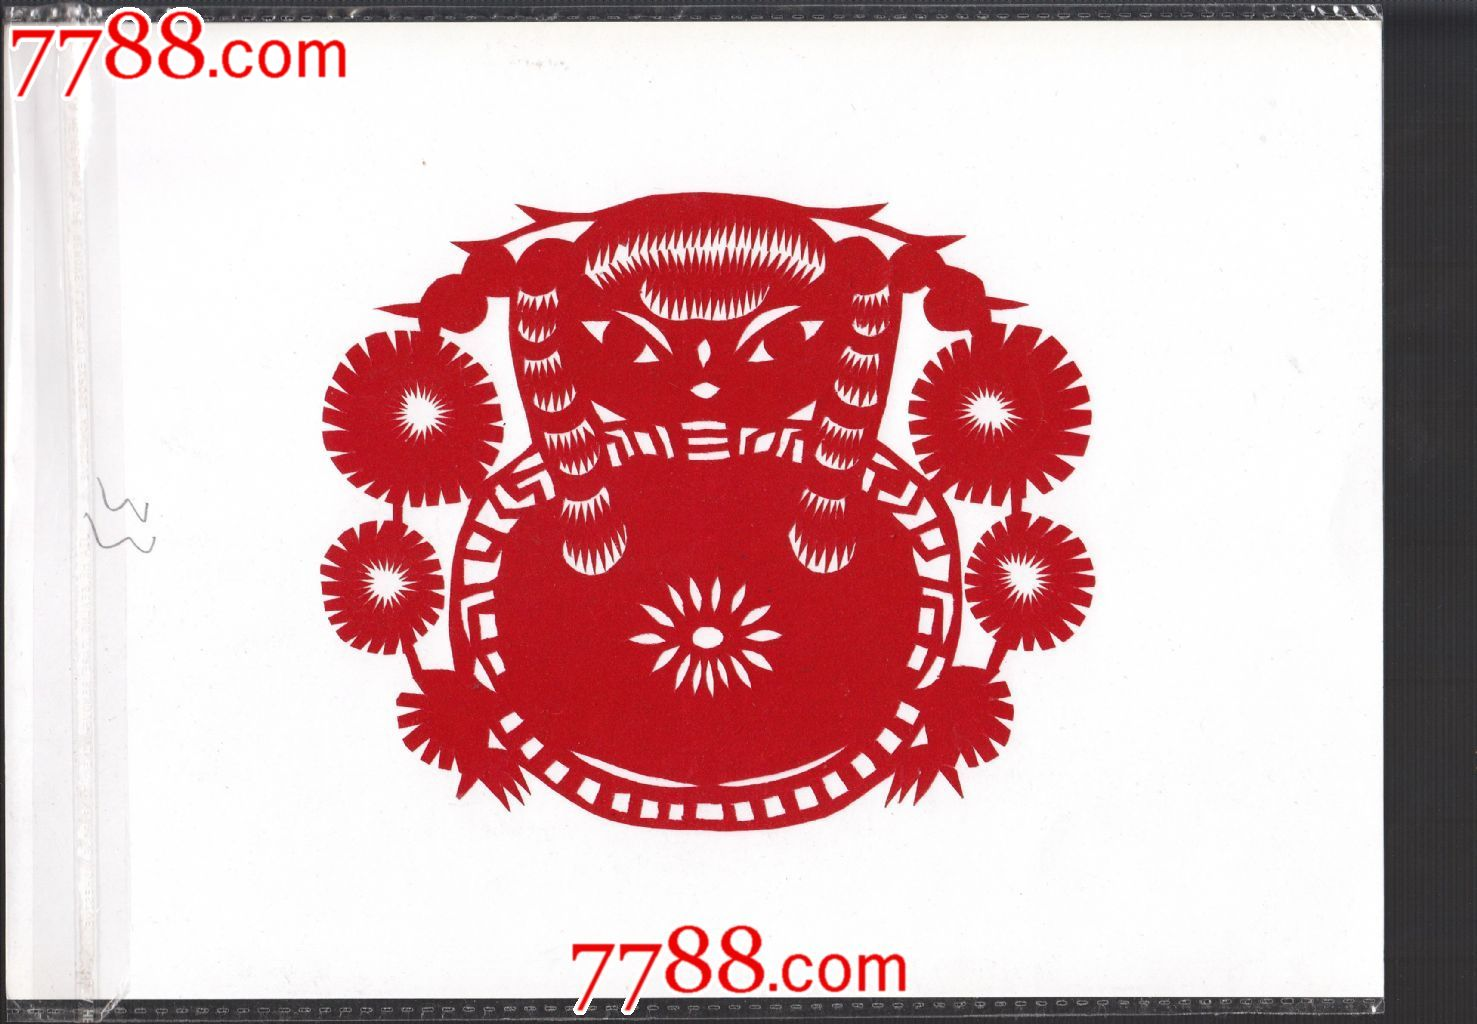 有硬衬纸和塑封_价格4元【欣欣娃邮社】_第1张_7788收藏__中国收藏